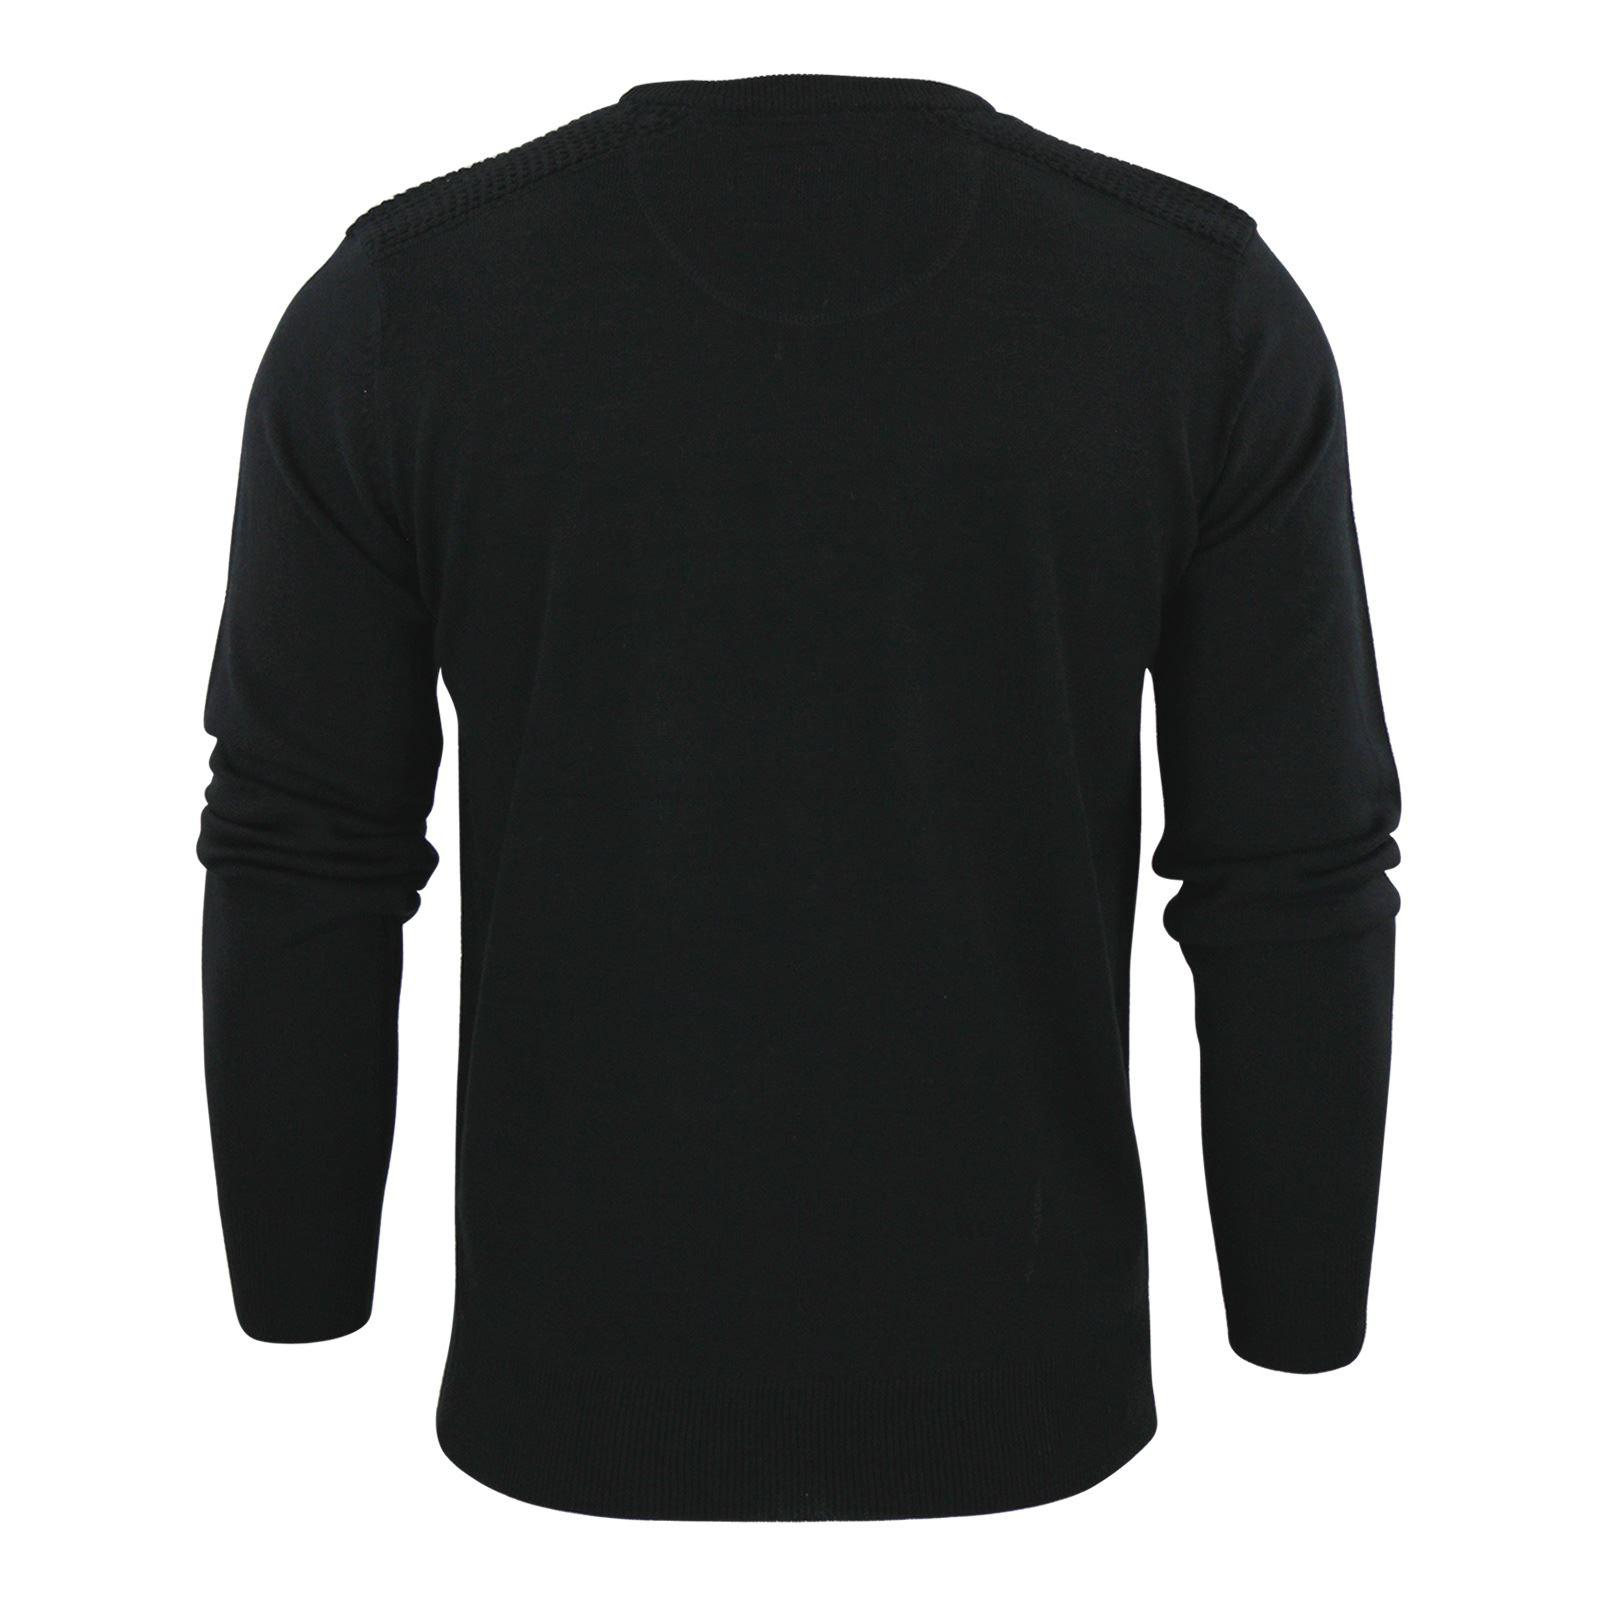 Brave-Soul-Luna-Mens-Jumper-Crew-Neck-Sweater-With-Shoulder-Detailing miniature 3